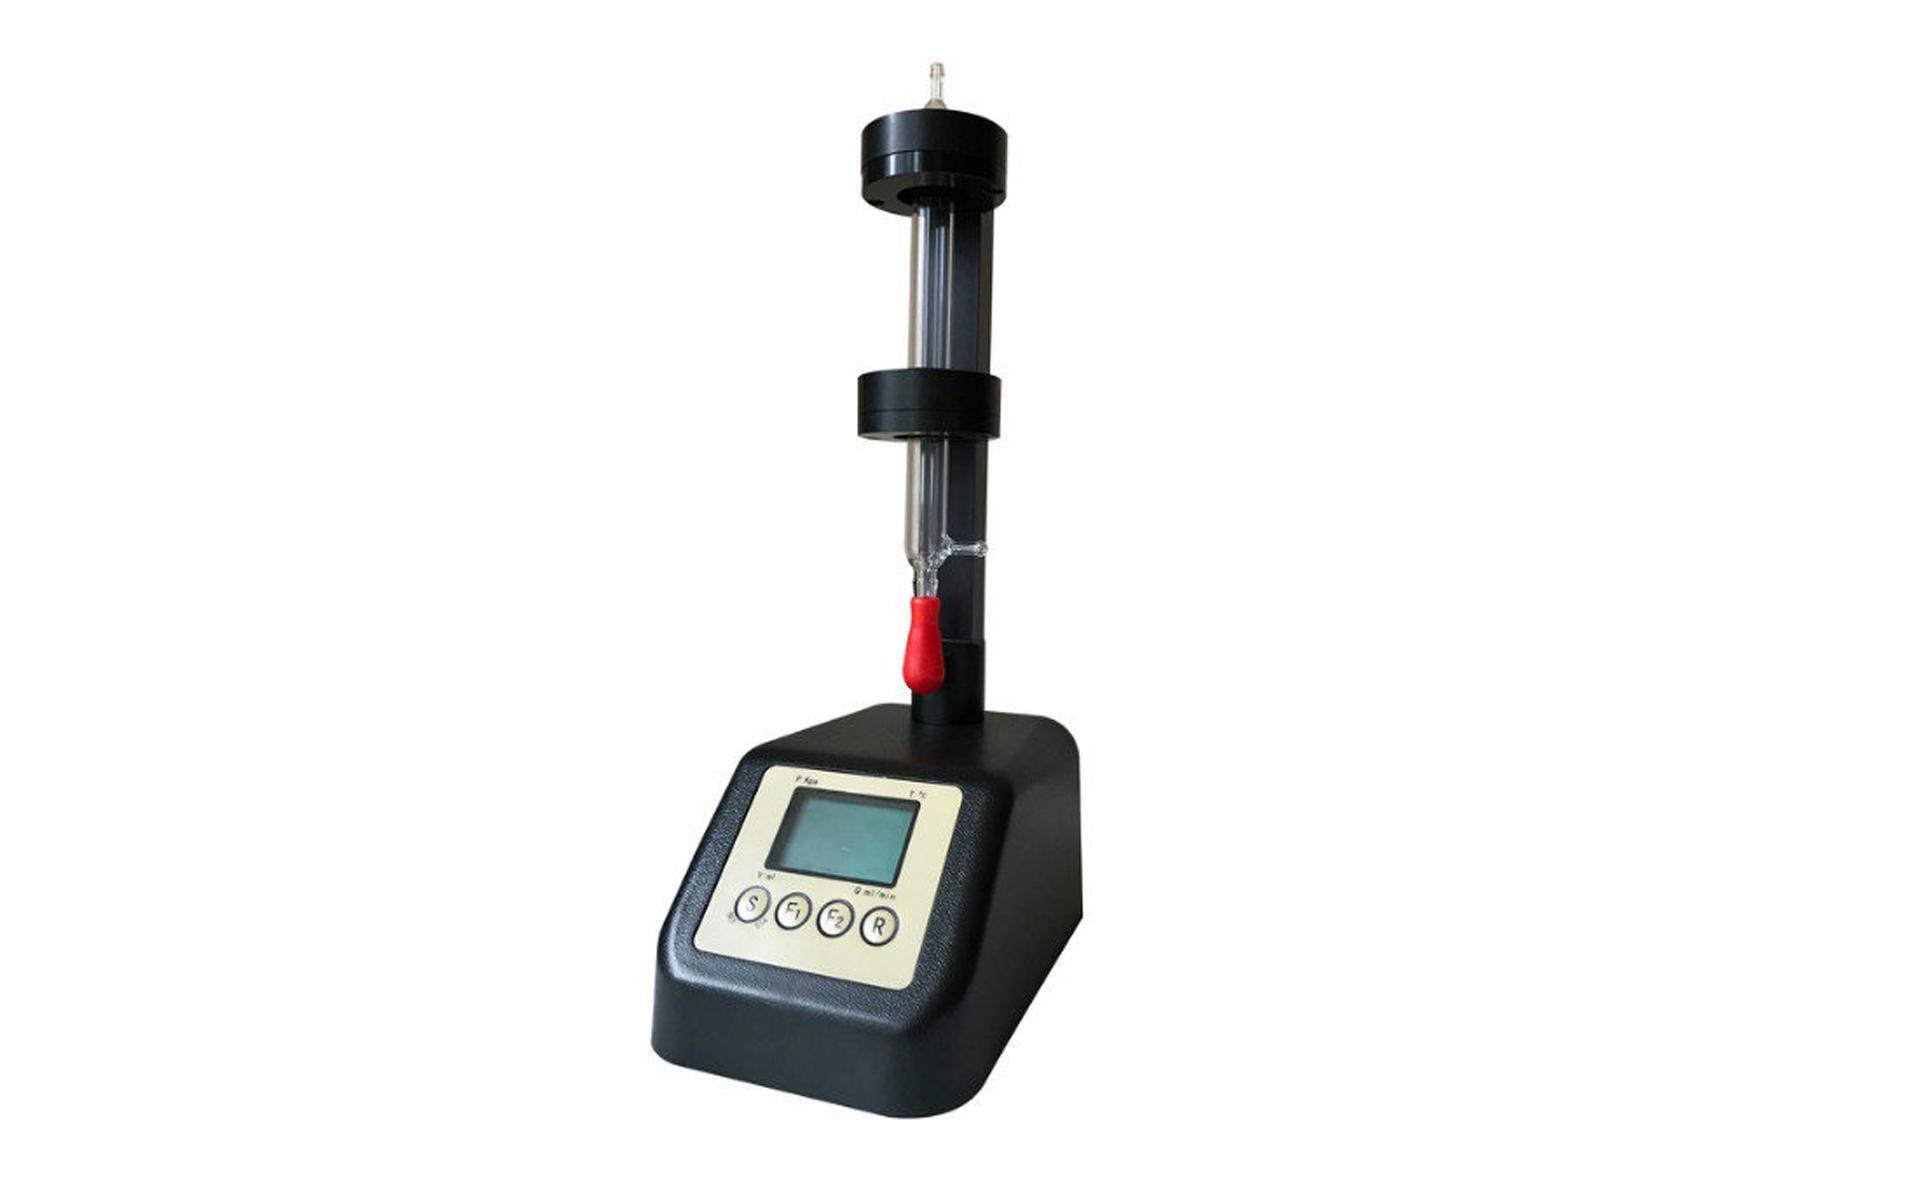 北分三谱ZM-102B便携式智能电子皂膜流量计